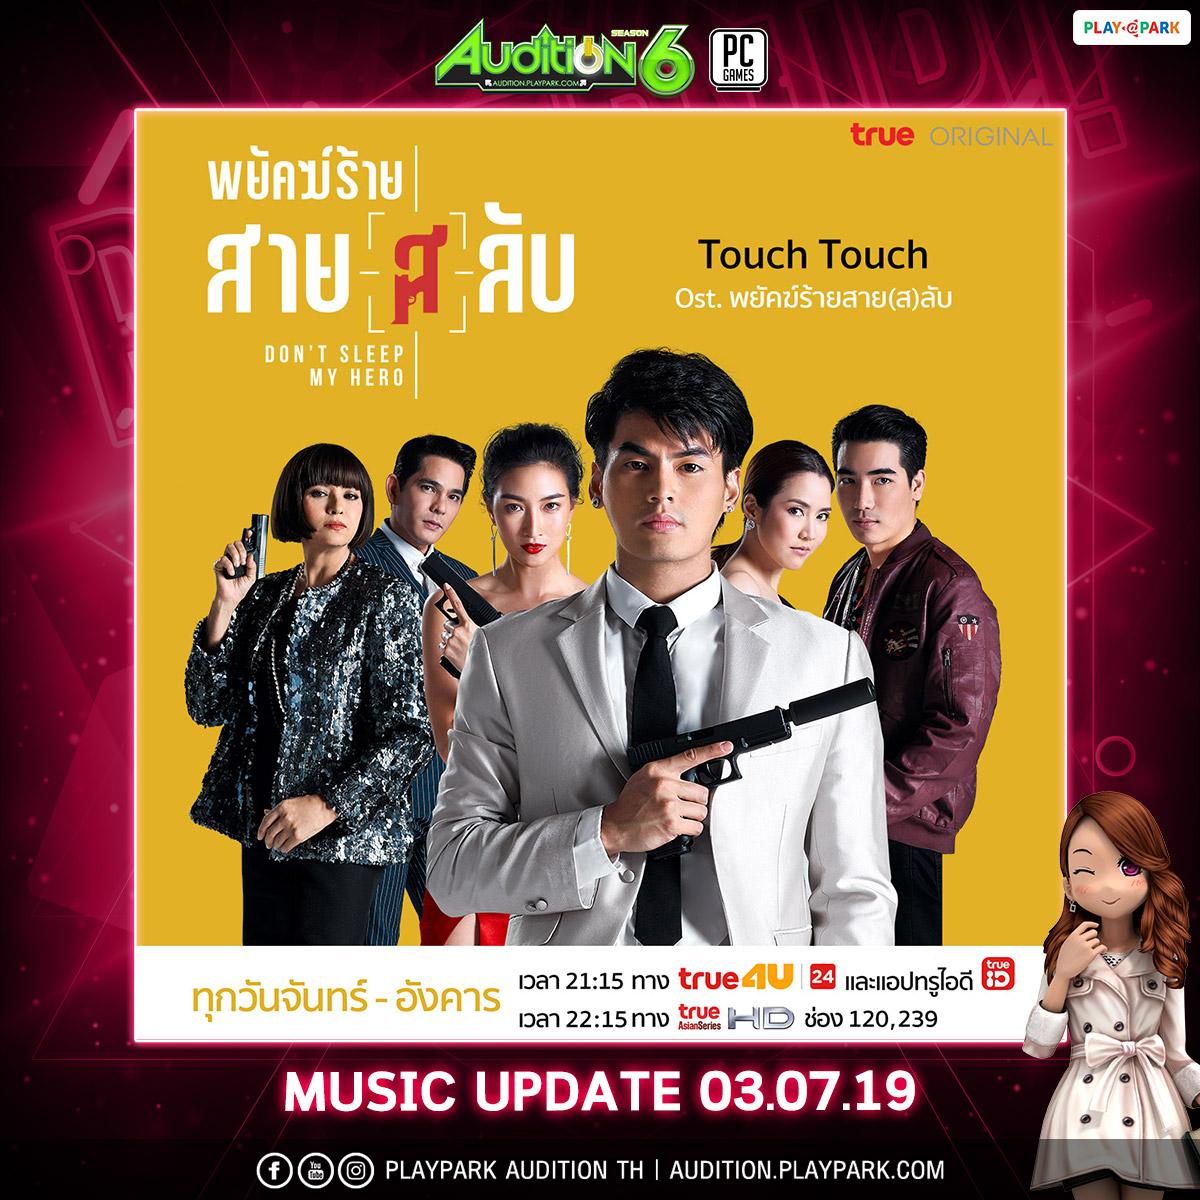 [AUDITION] 3 กรกฎาคมนี้ อัพเดทเพลงใหม่ และไอเทมใหม่ๆมากมาย ห้ามพลาด !!!